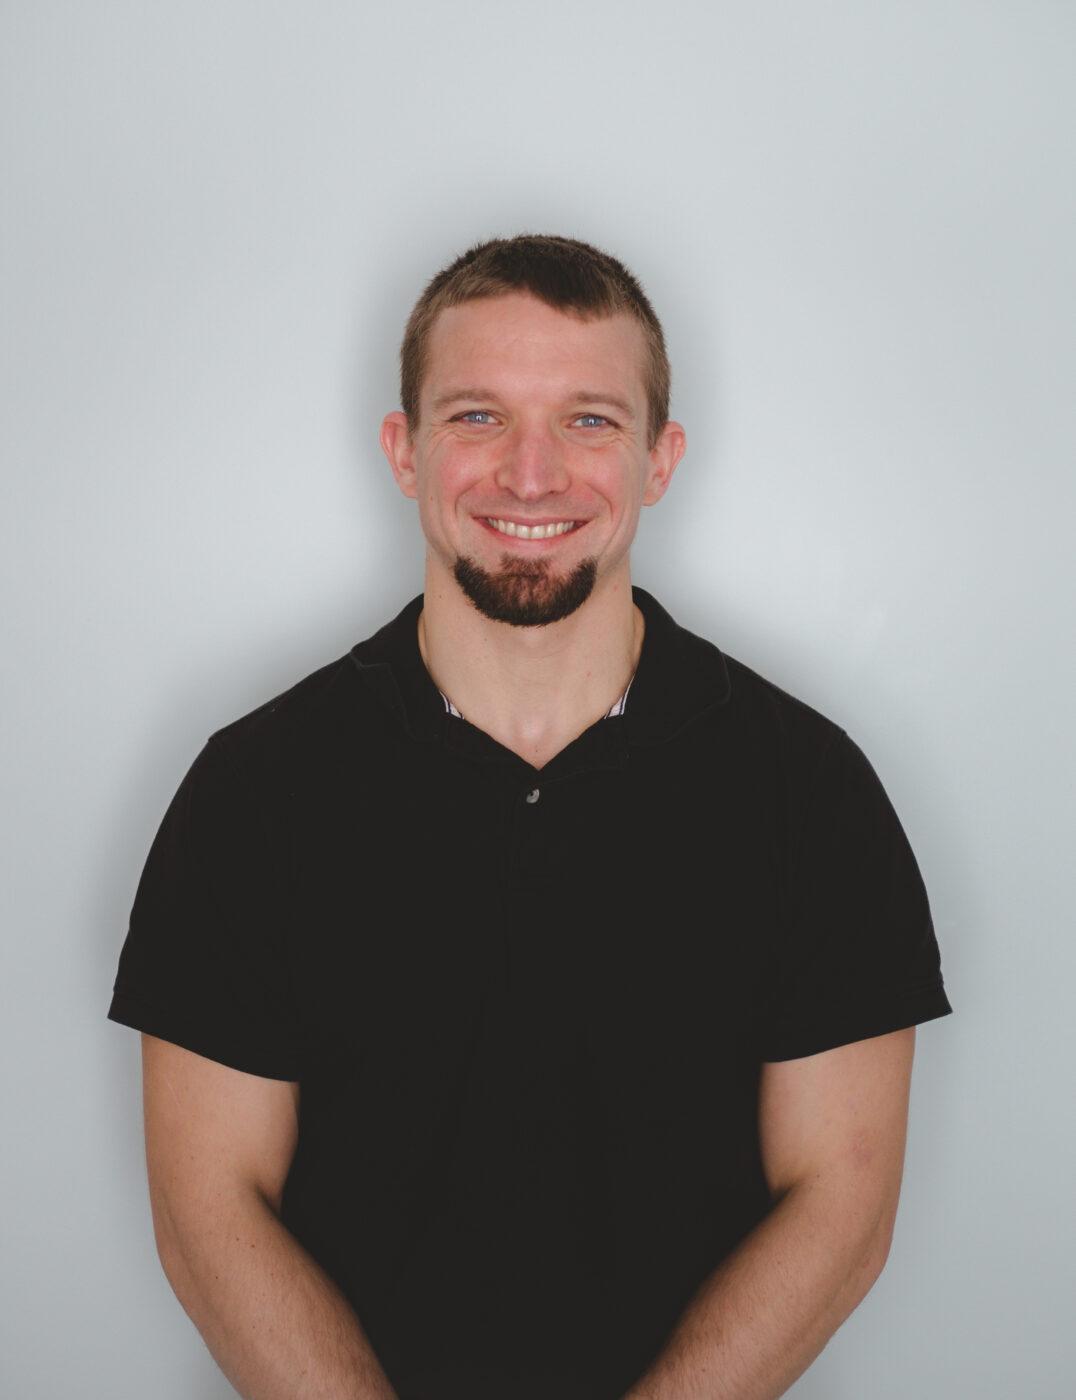 Dustin Karlik